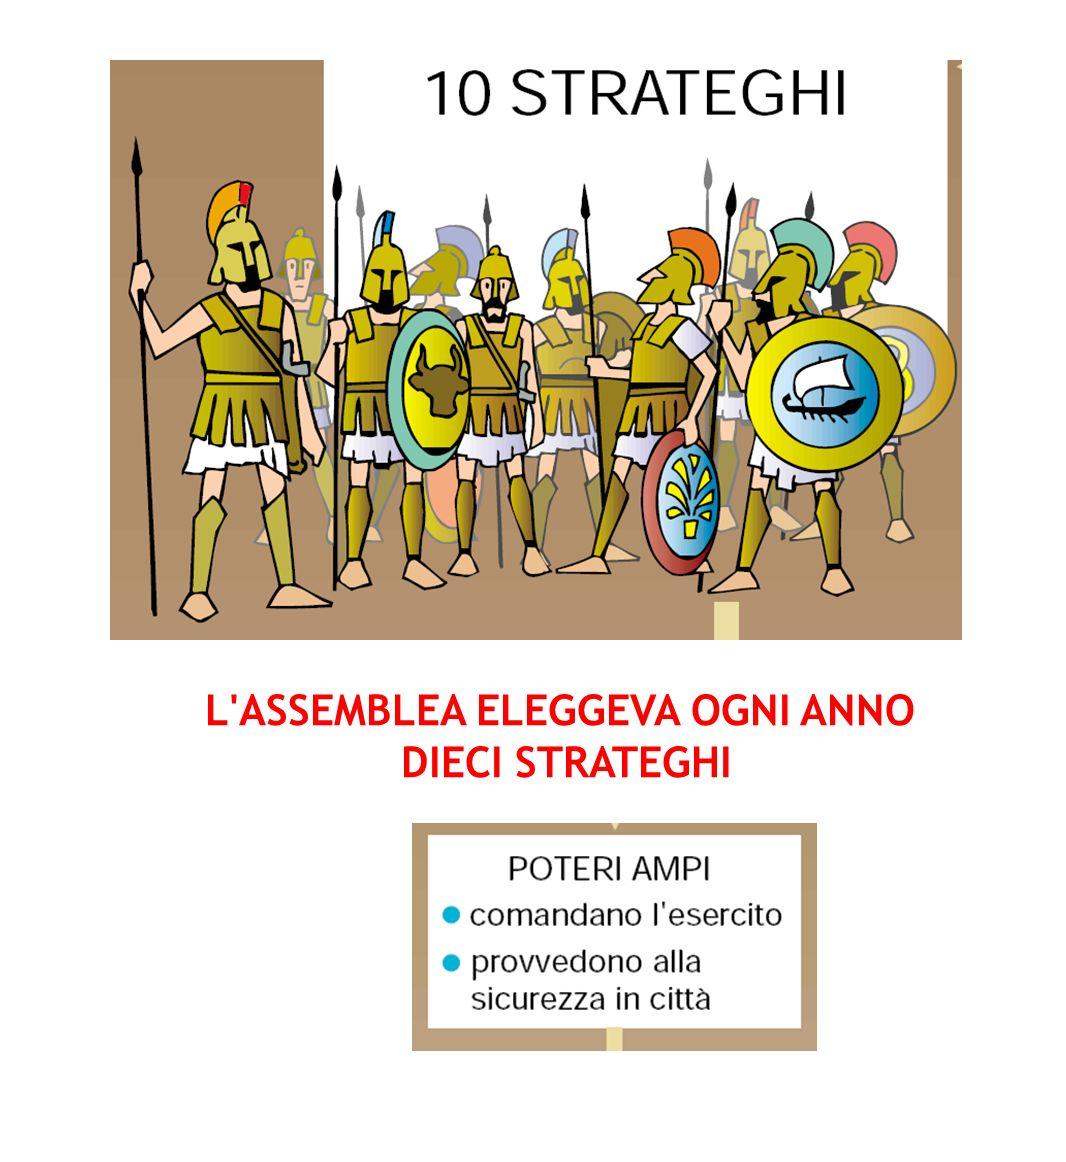 L'ASSEMBLEA ELEGGEVA OGNI ANNO DIECI STRATEGHI